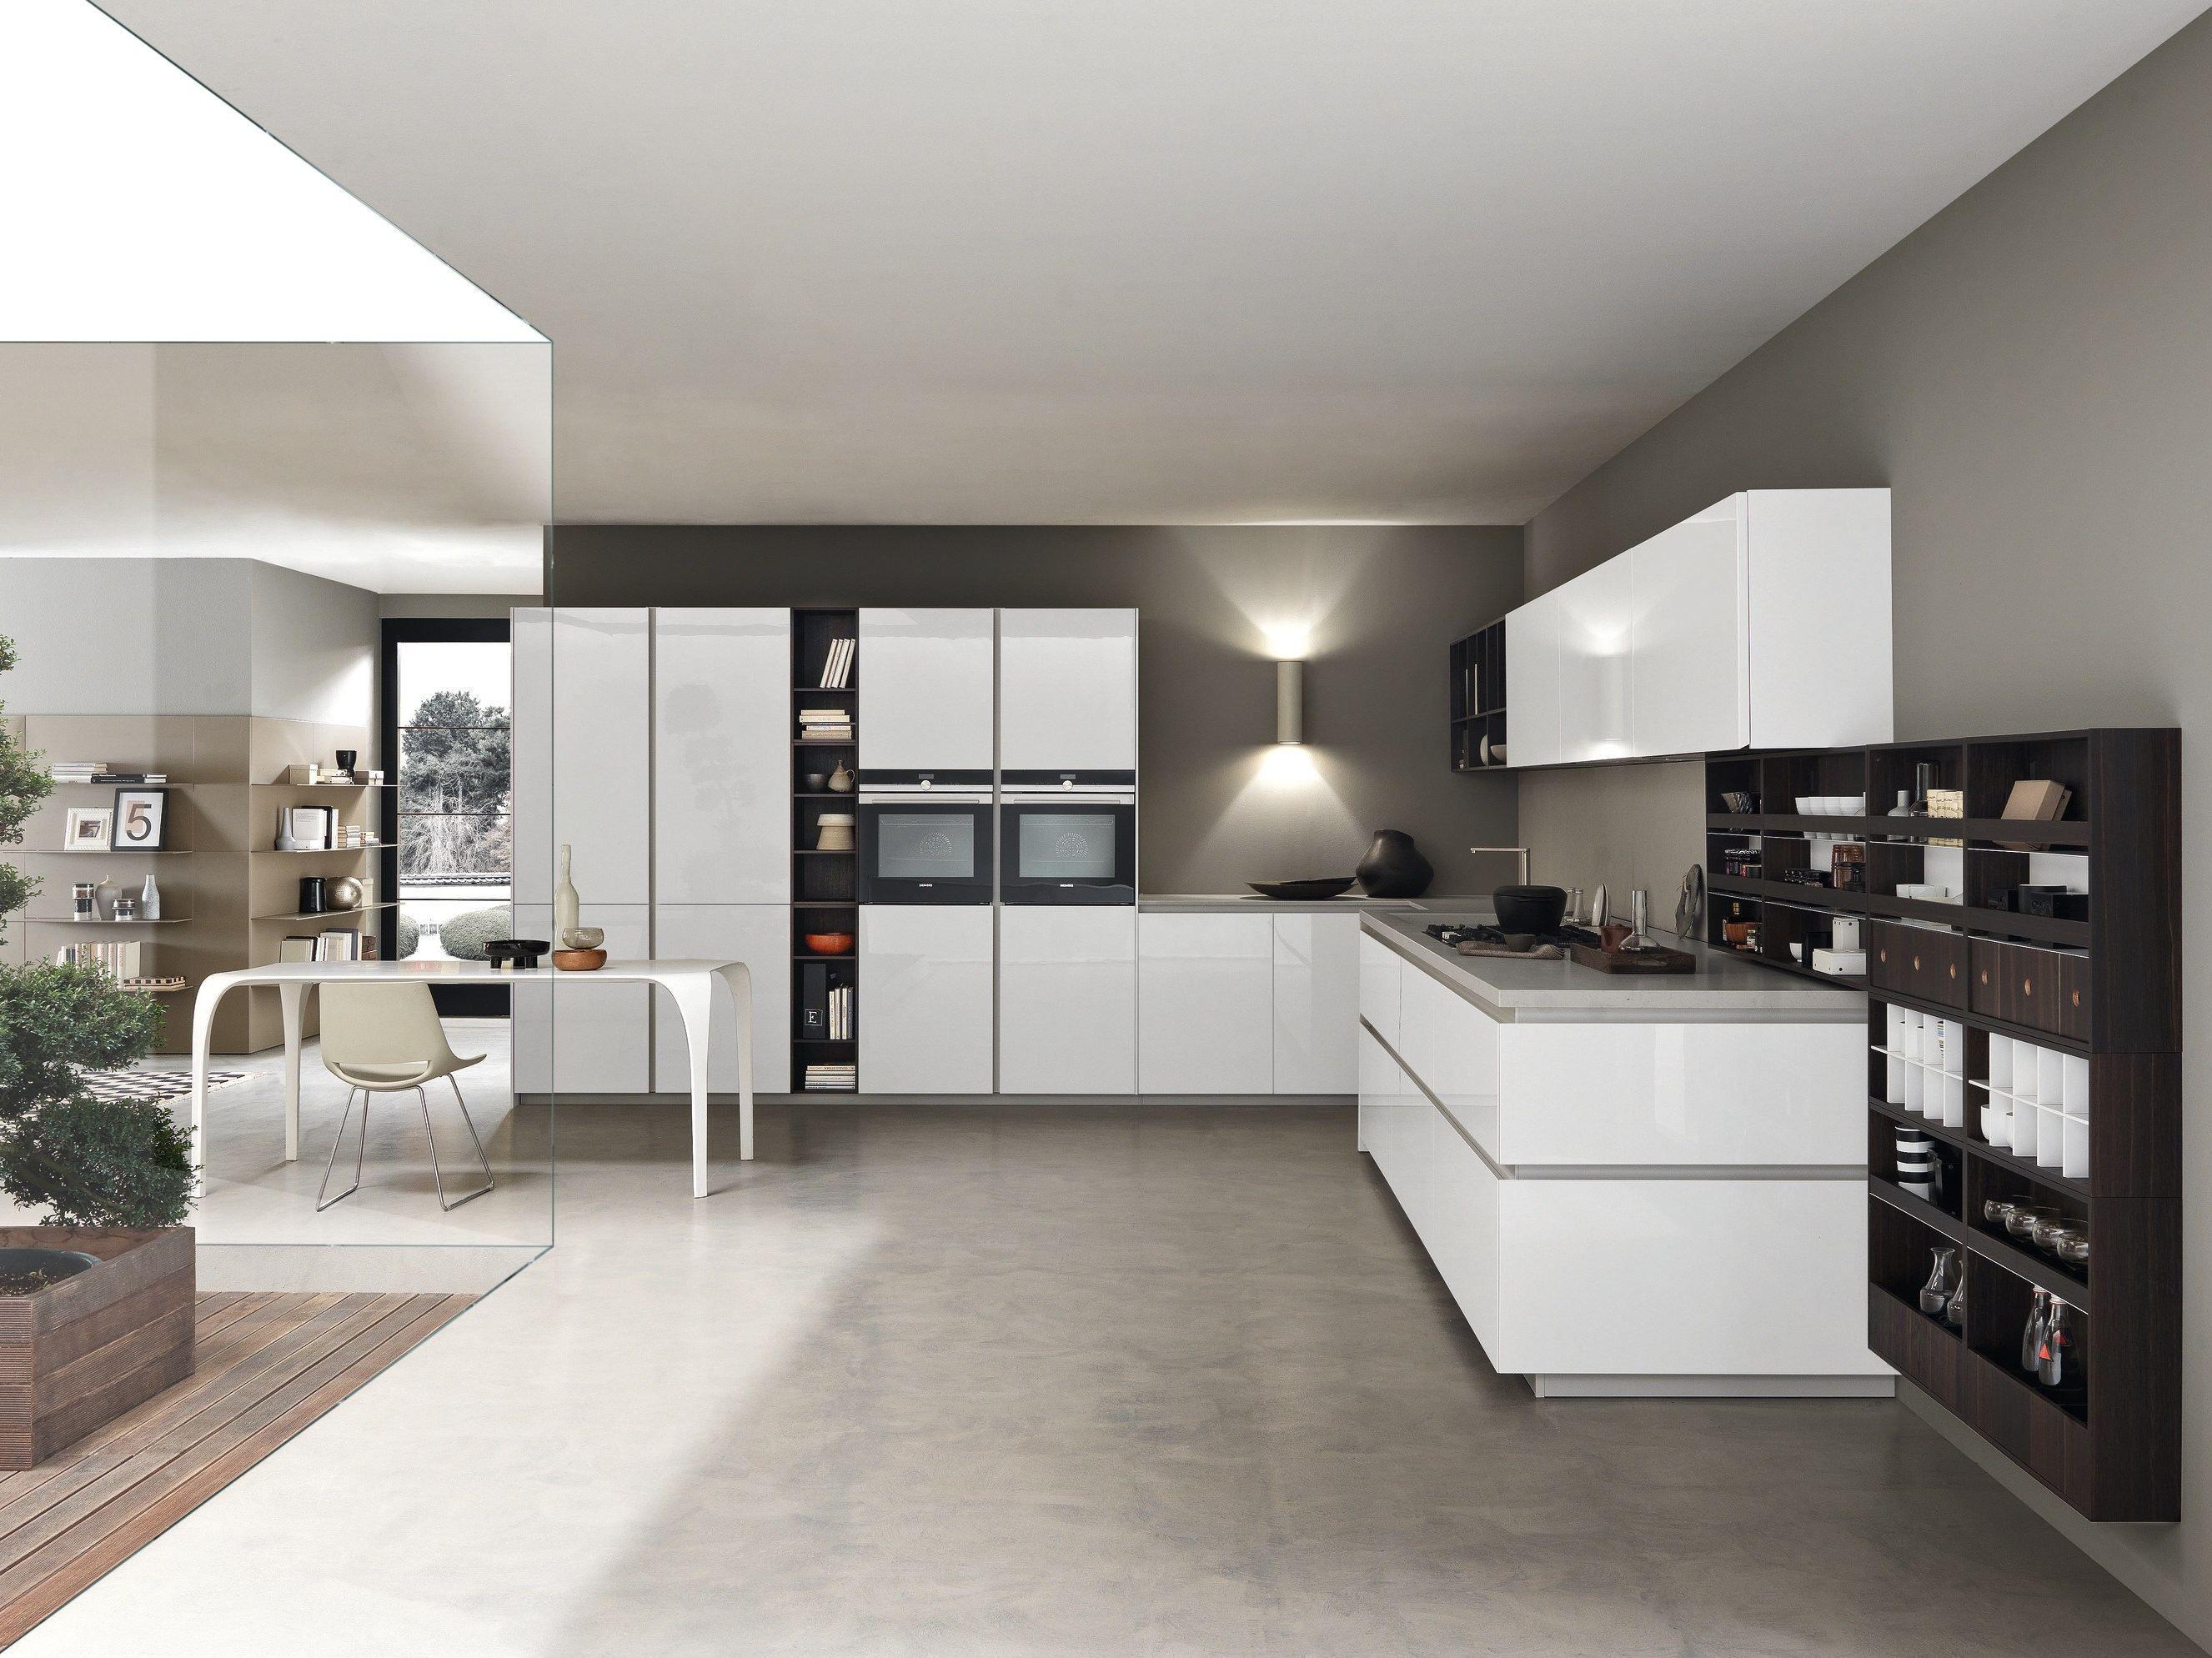 Cucina componibile laccata FILO BANCO by Comprex design MARCONATO ...